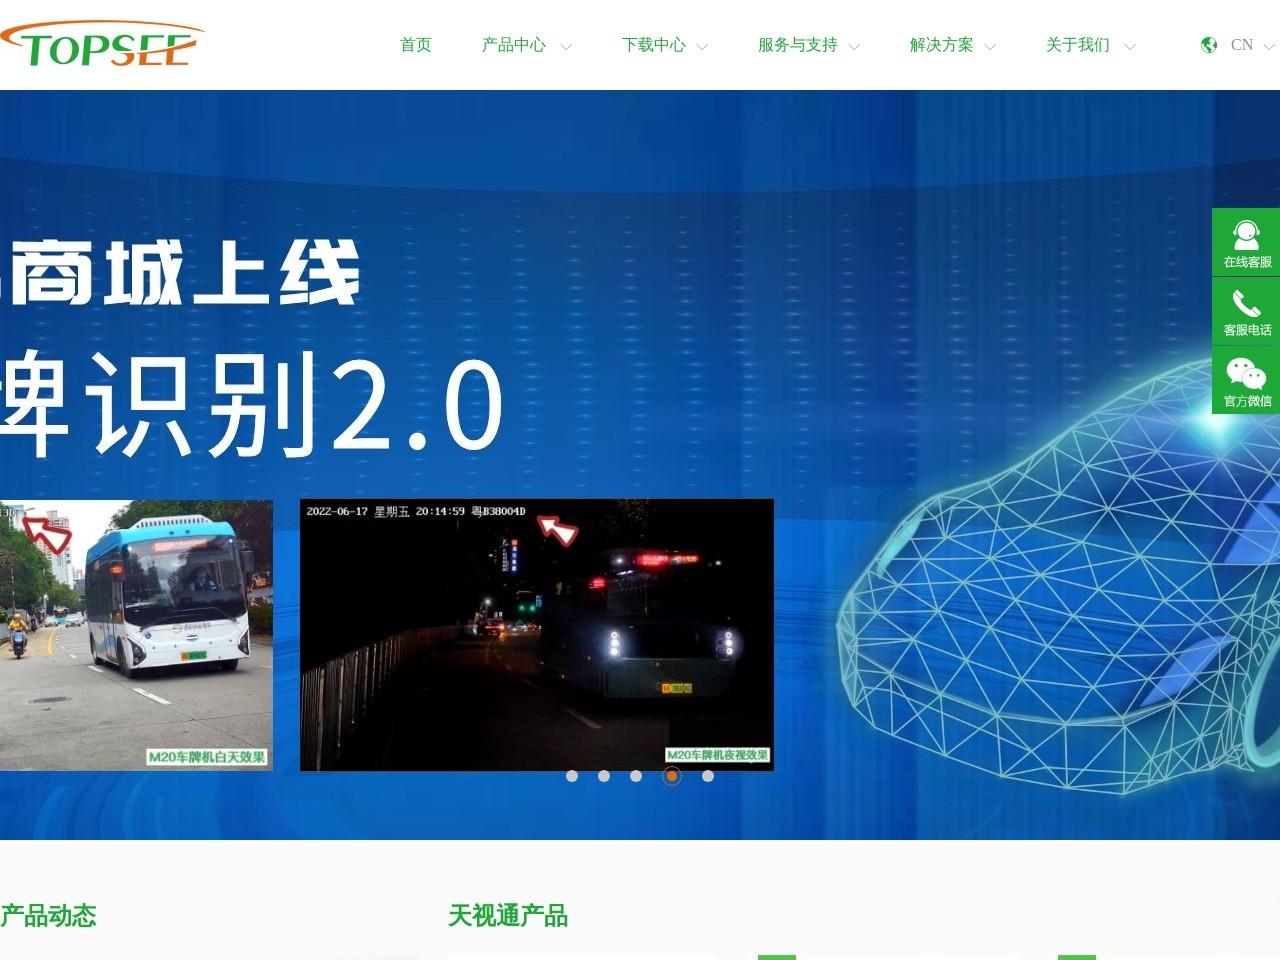 深圳市天视通技术有限公司的网站截图